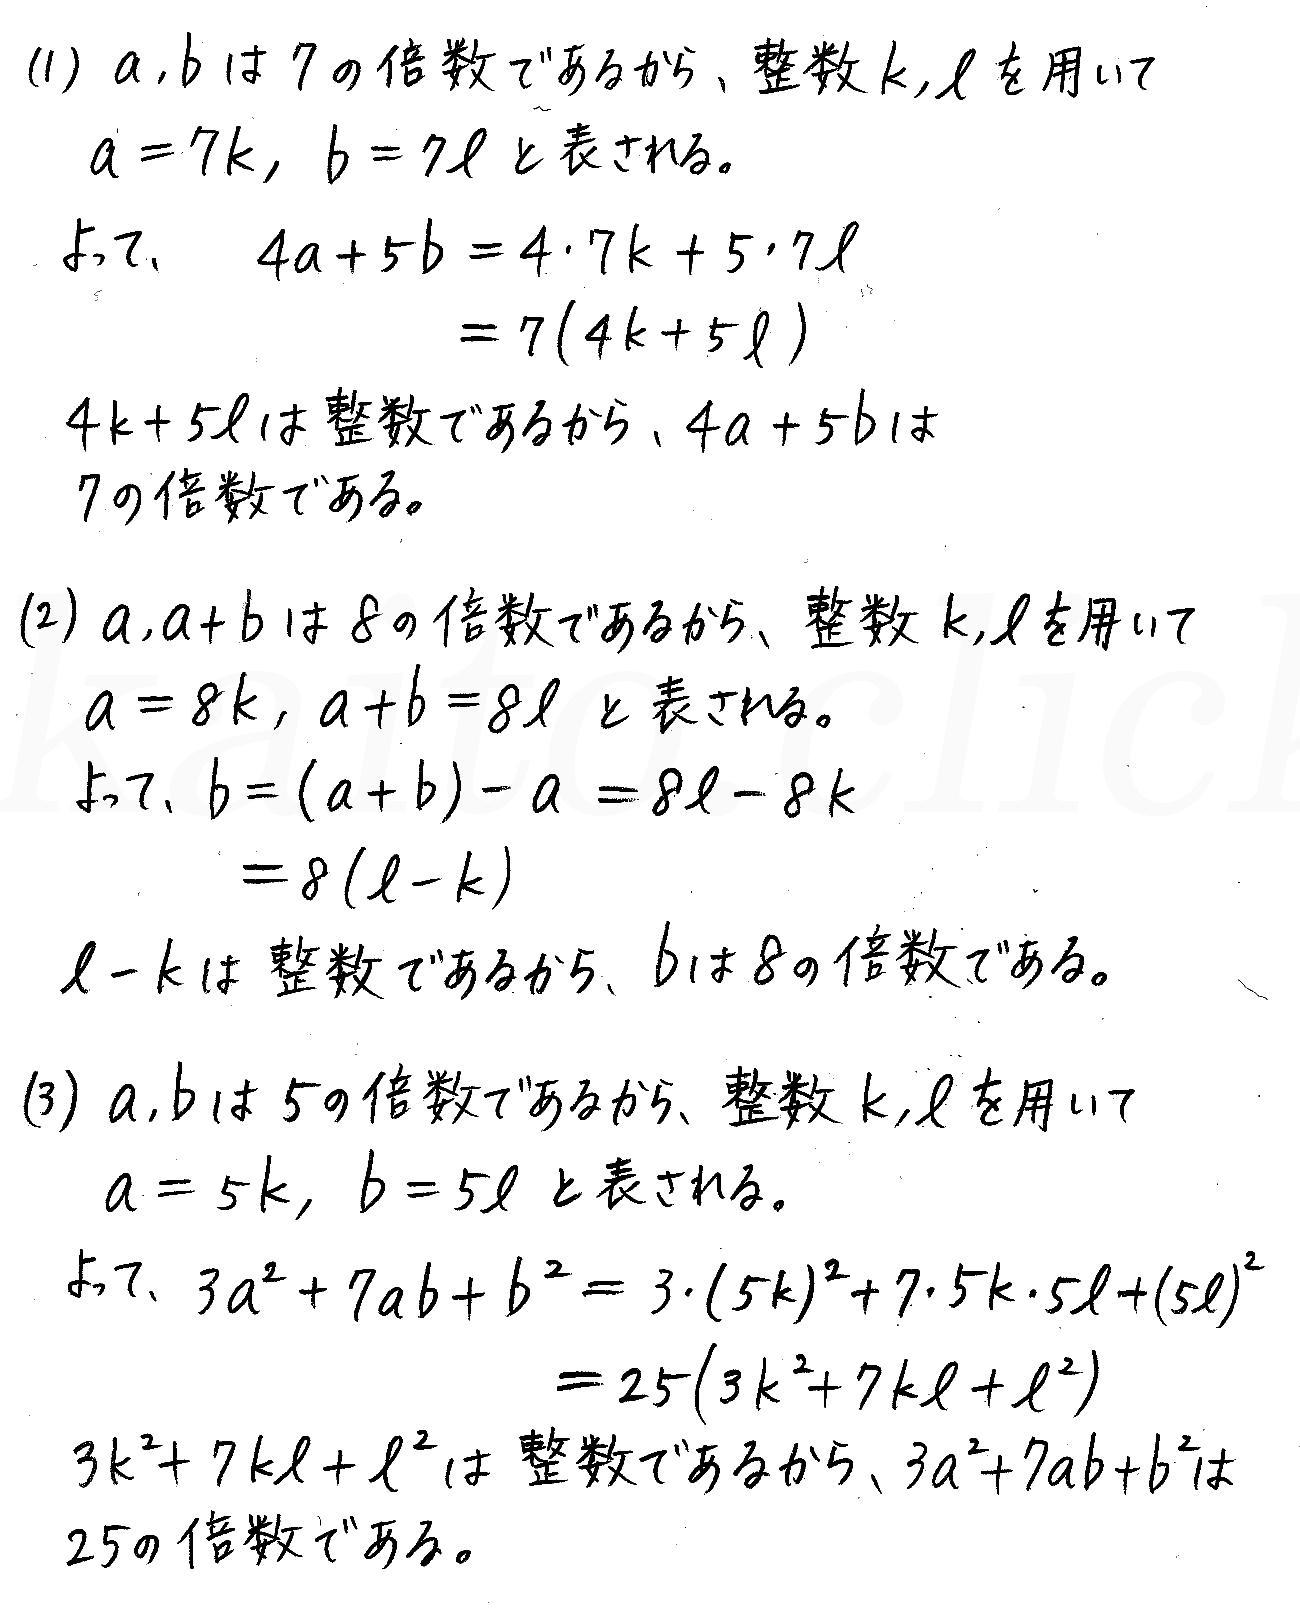 クリアー数学A-221解答